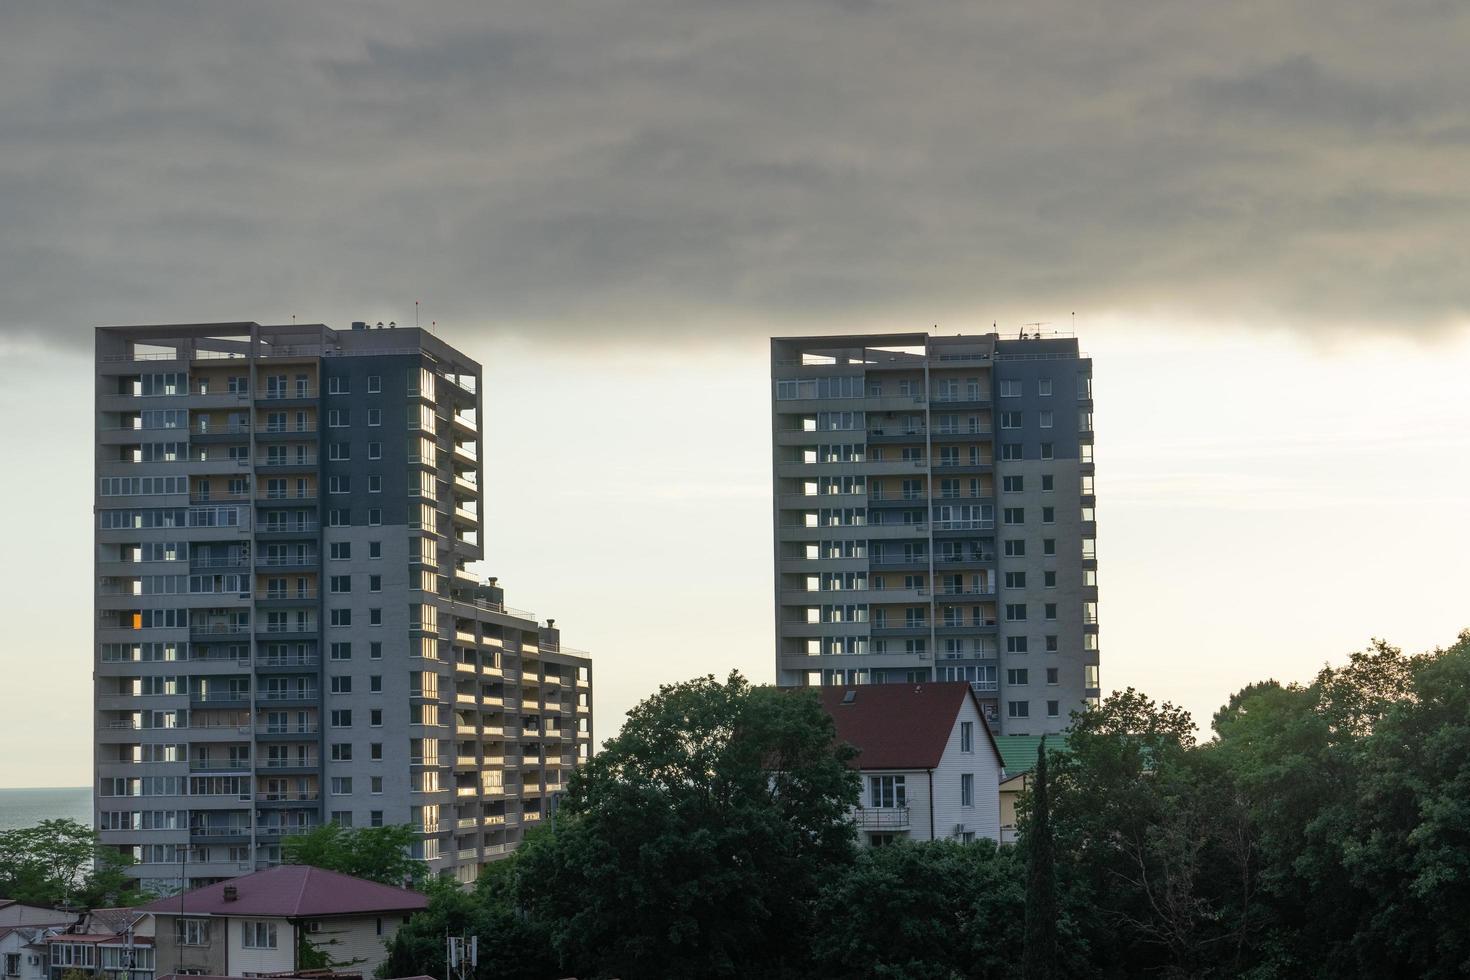 Paysage urbain avec des maisons d'arbres, de grands immeubles et un ciel nuageux à Sotchi, Russie photo